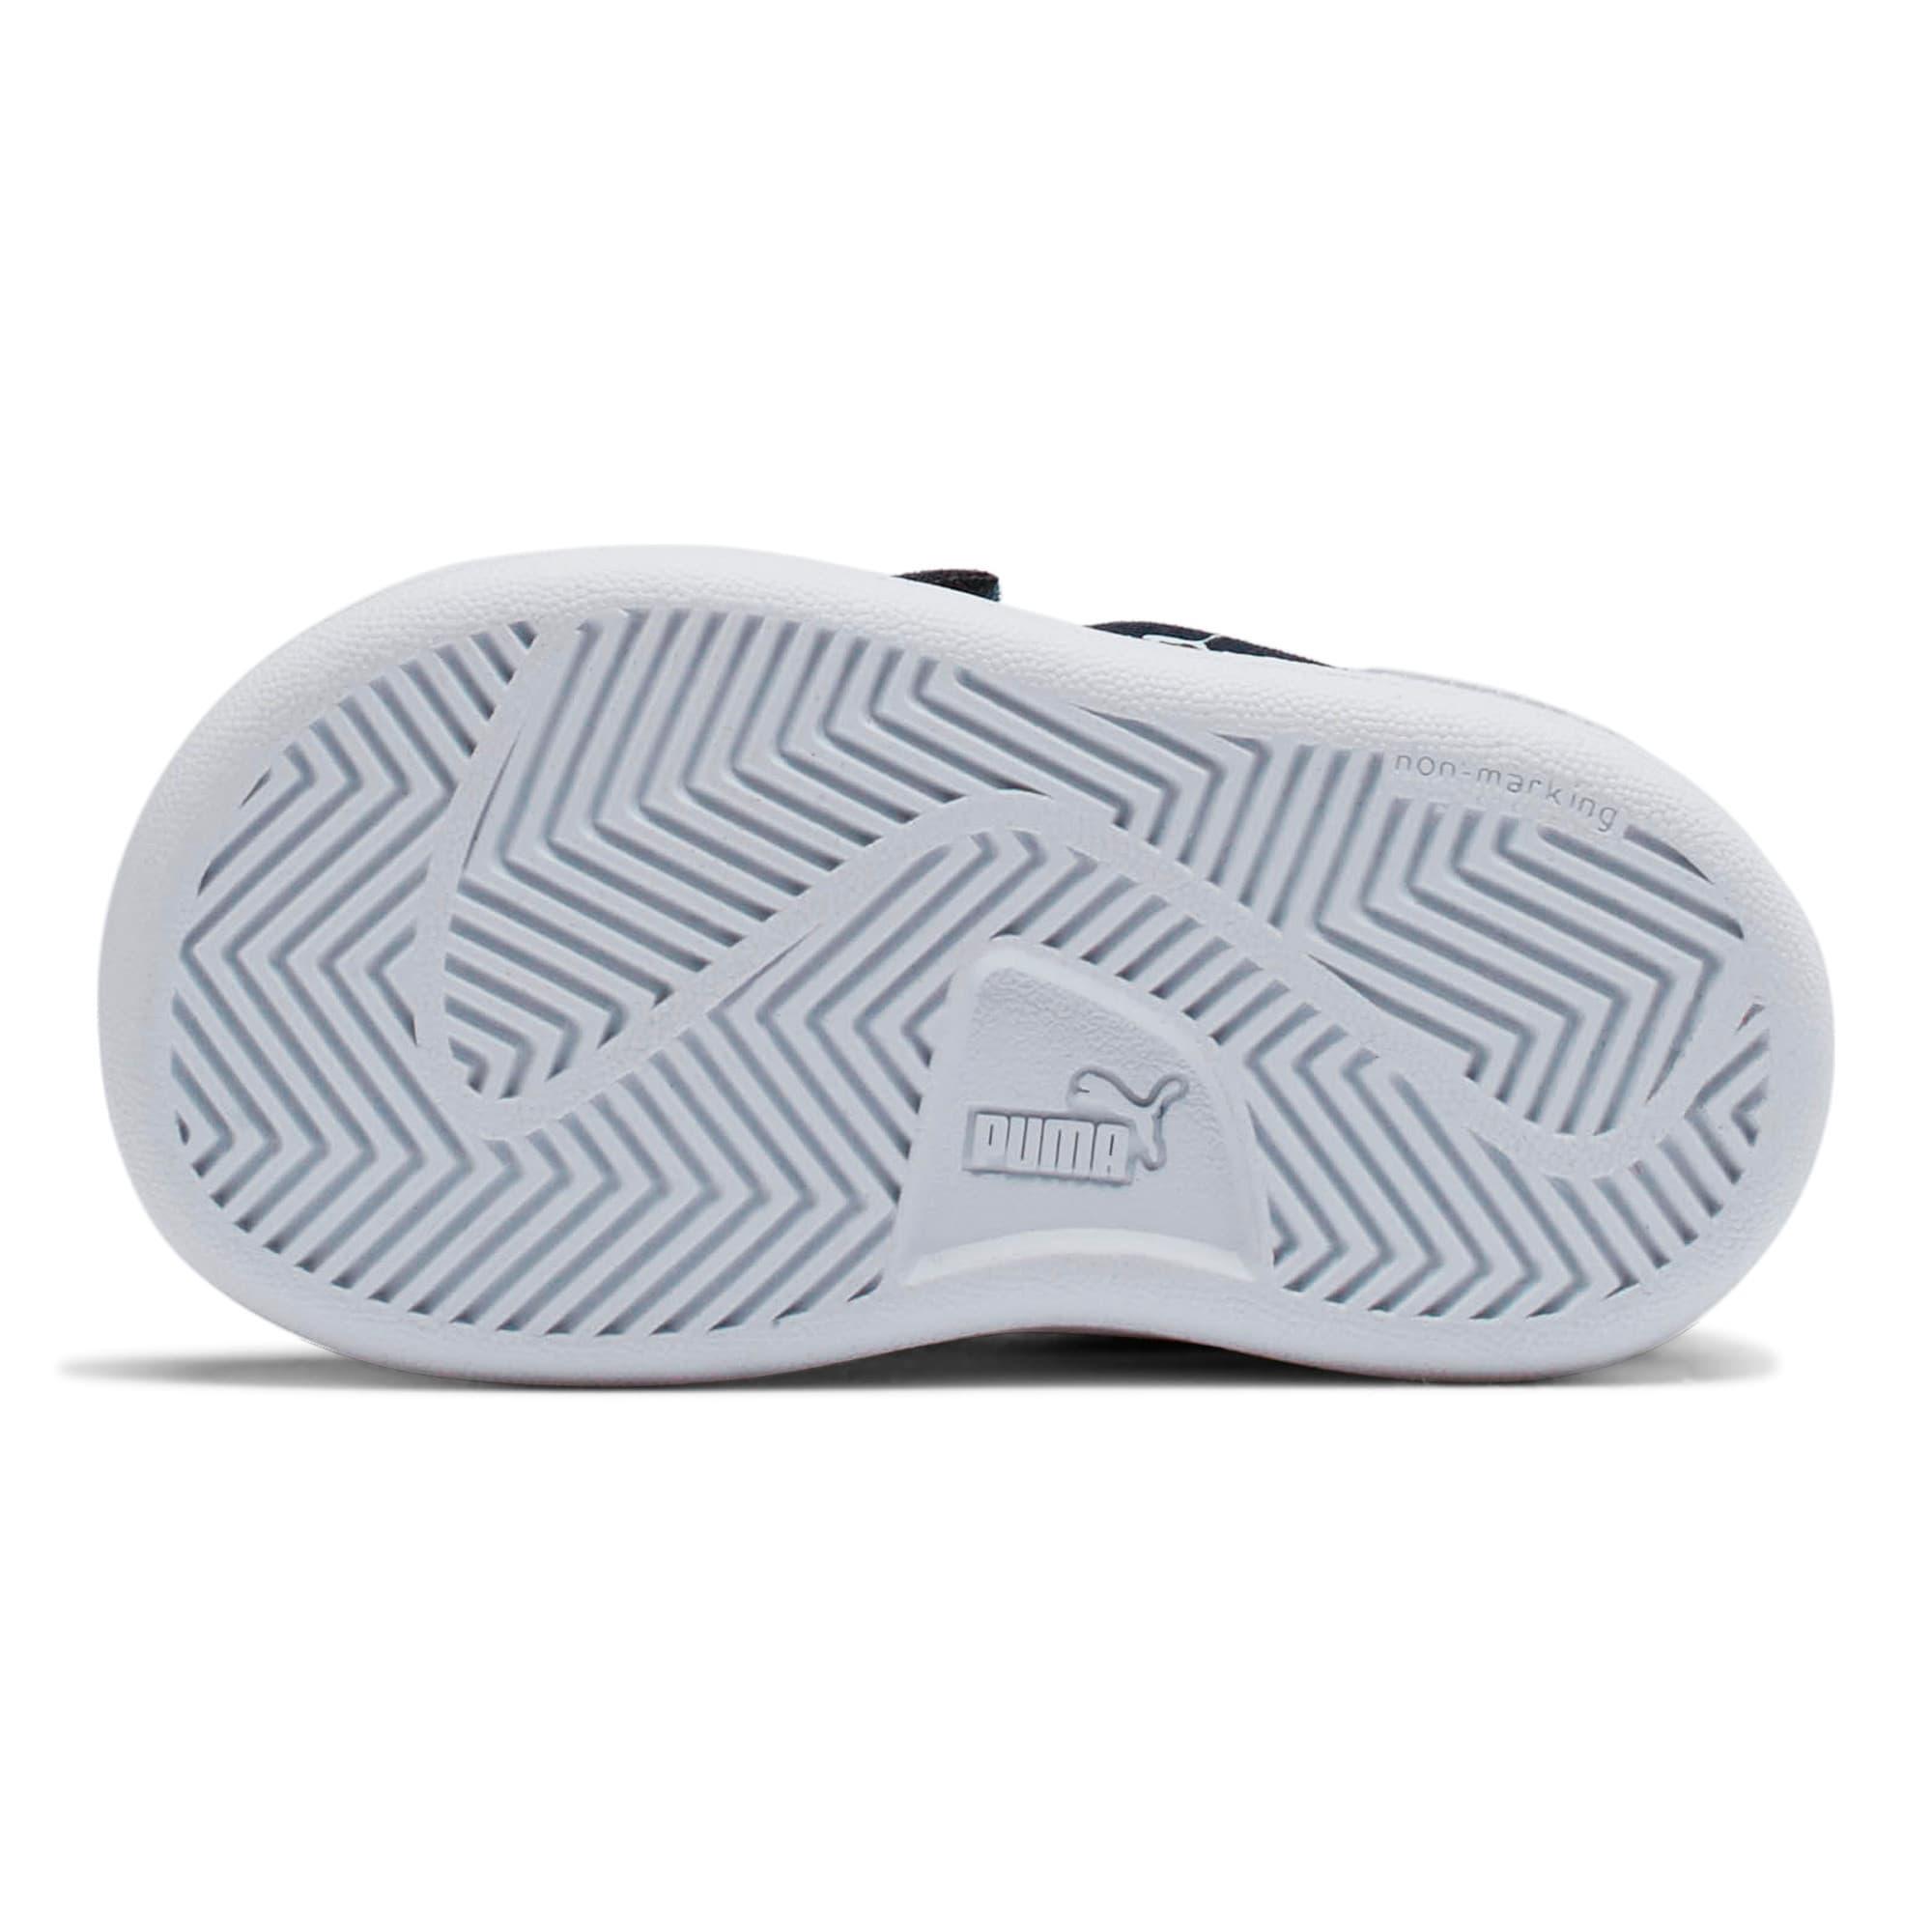 Miniatura 3 de ZapatosPUMA Smash v2Suede para bebés, Peacoat-Puma White, mediano